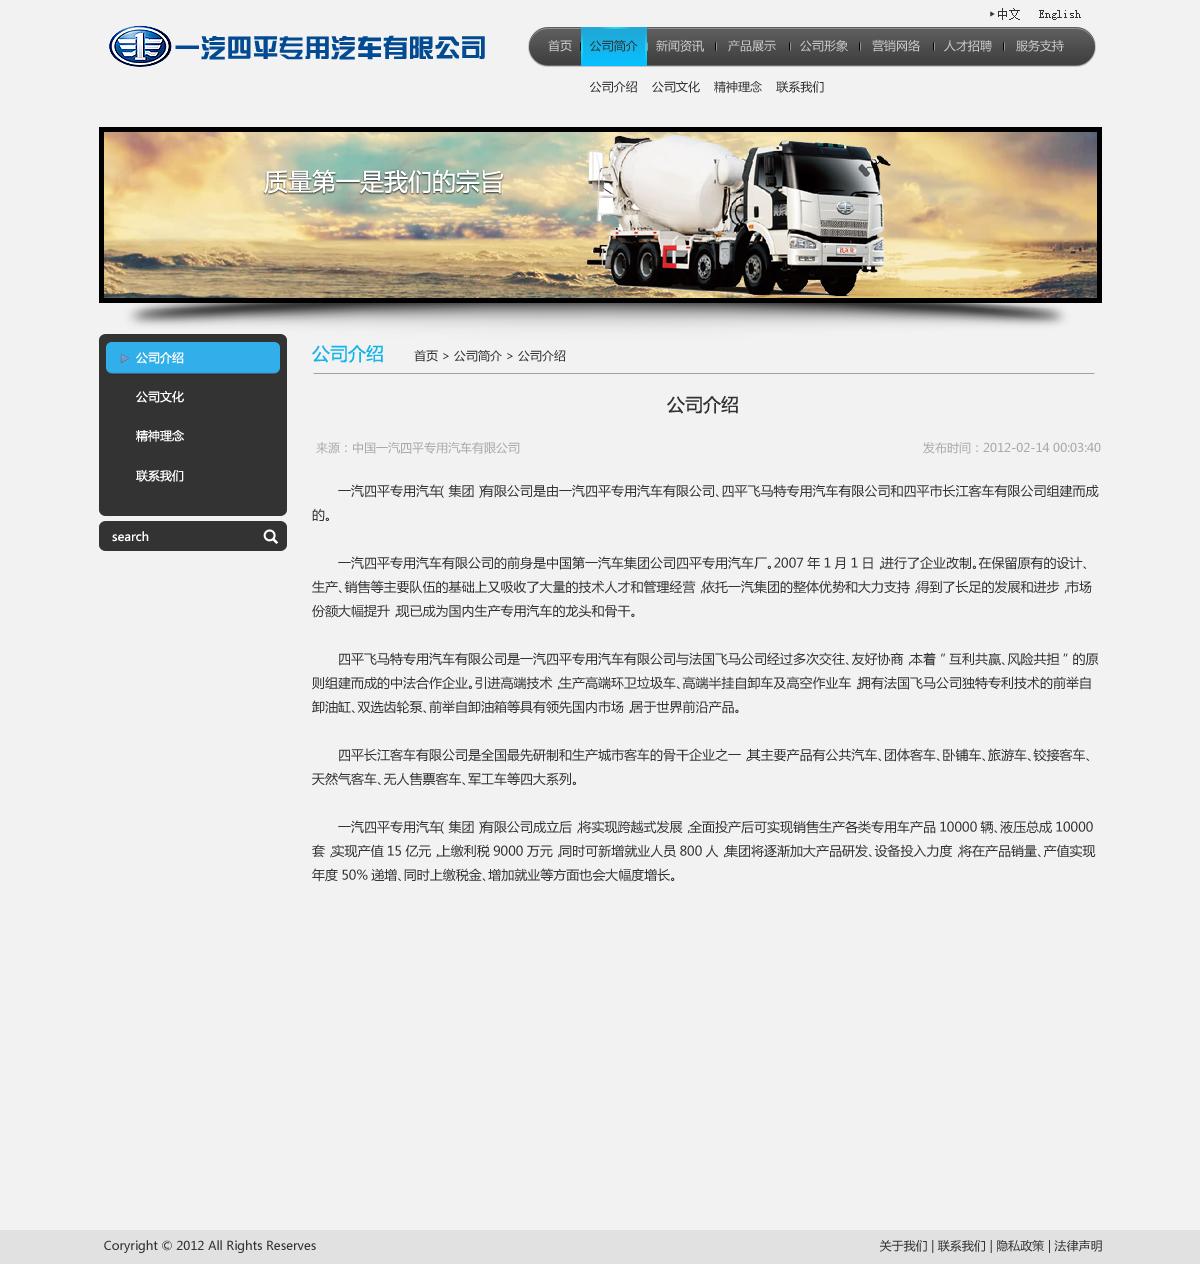 一汽四平专用汽车蓝色版内容页